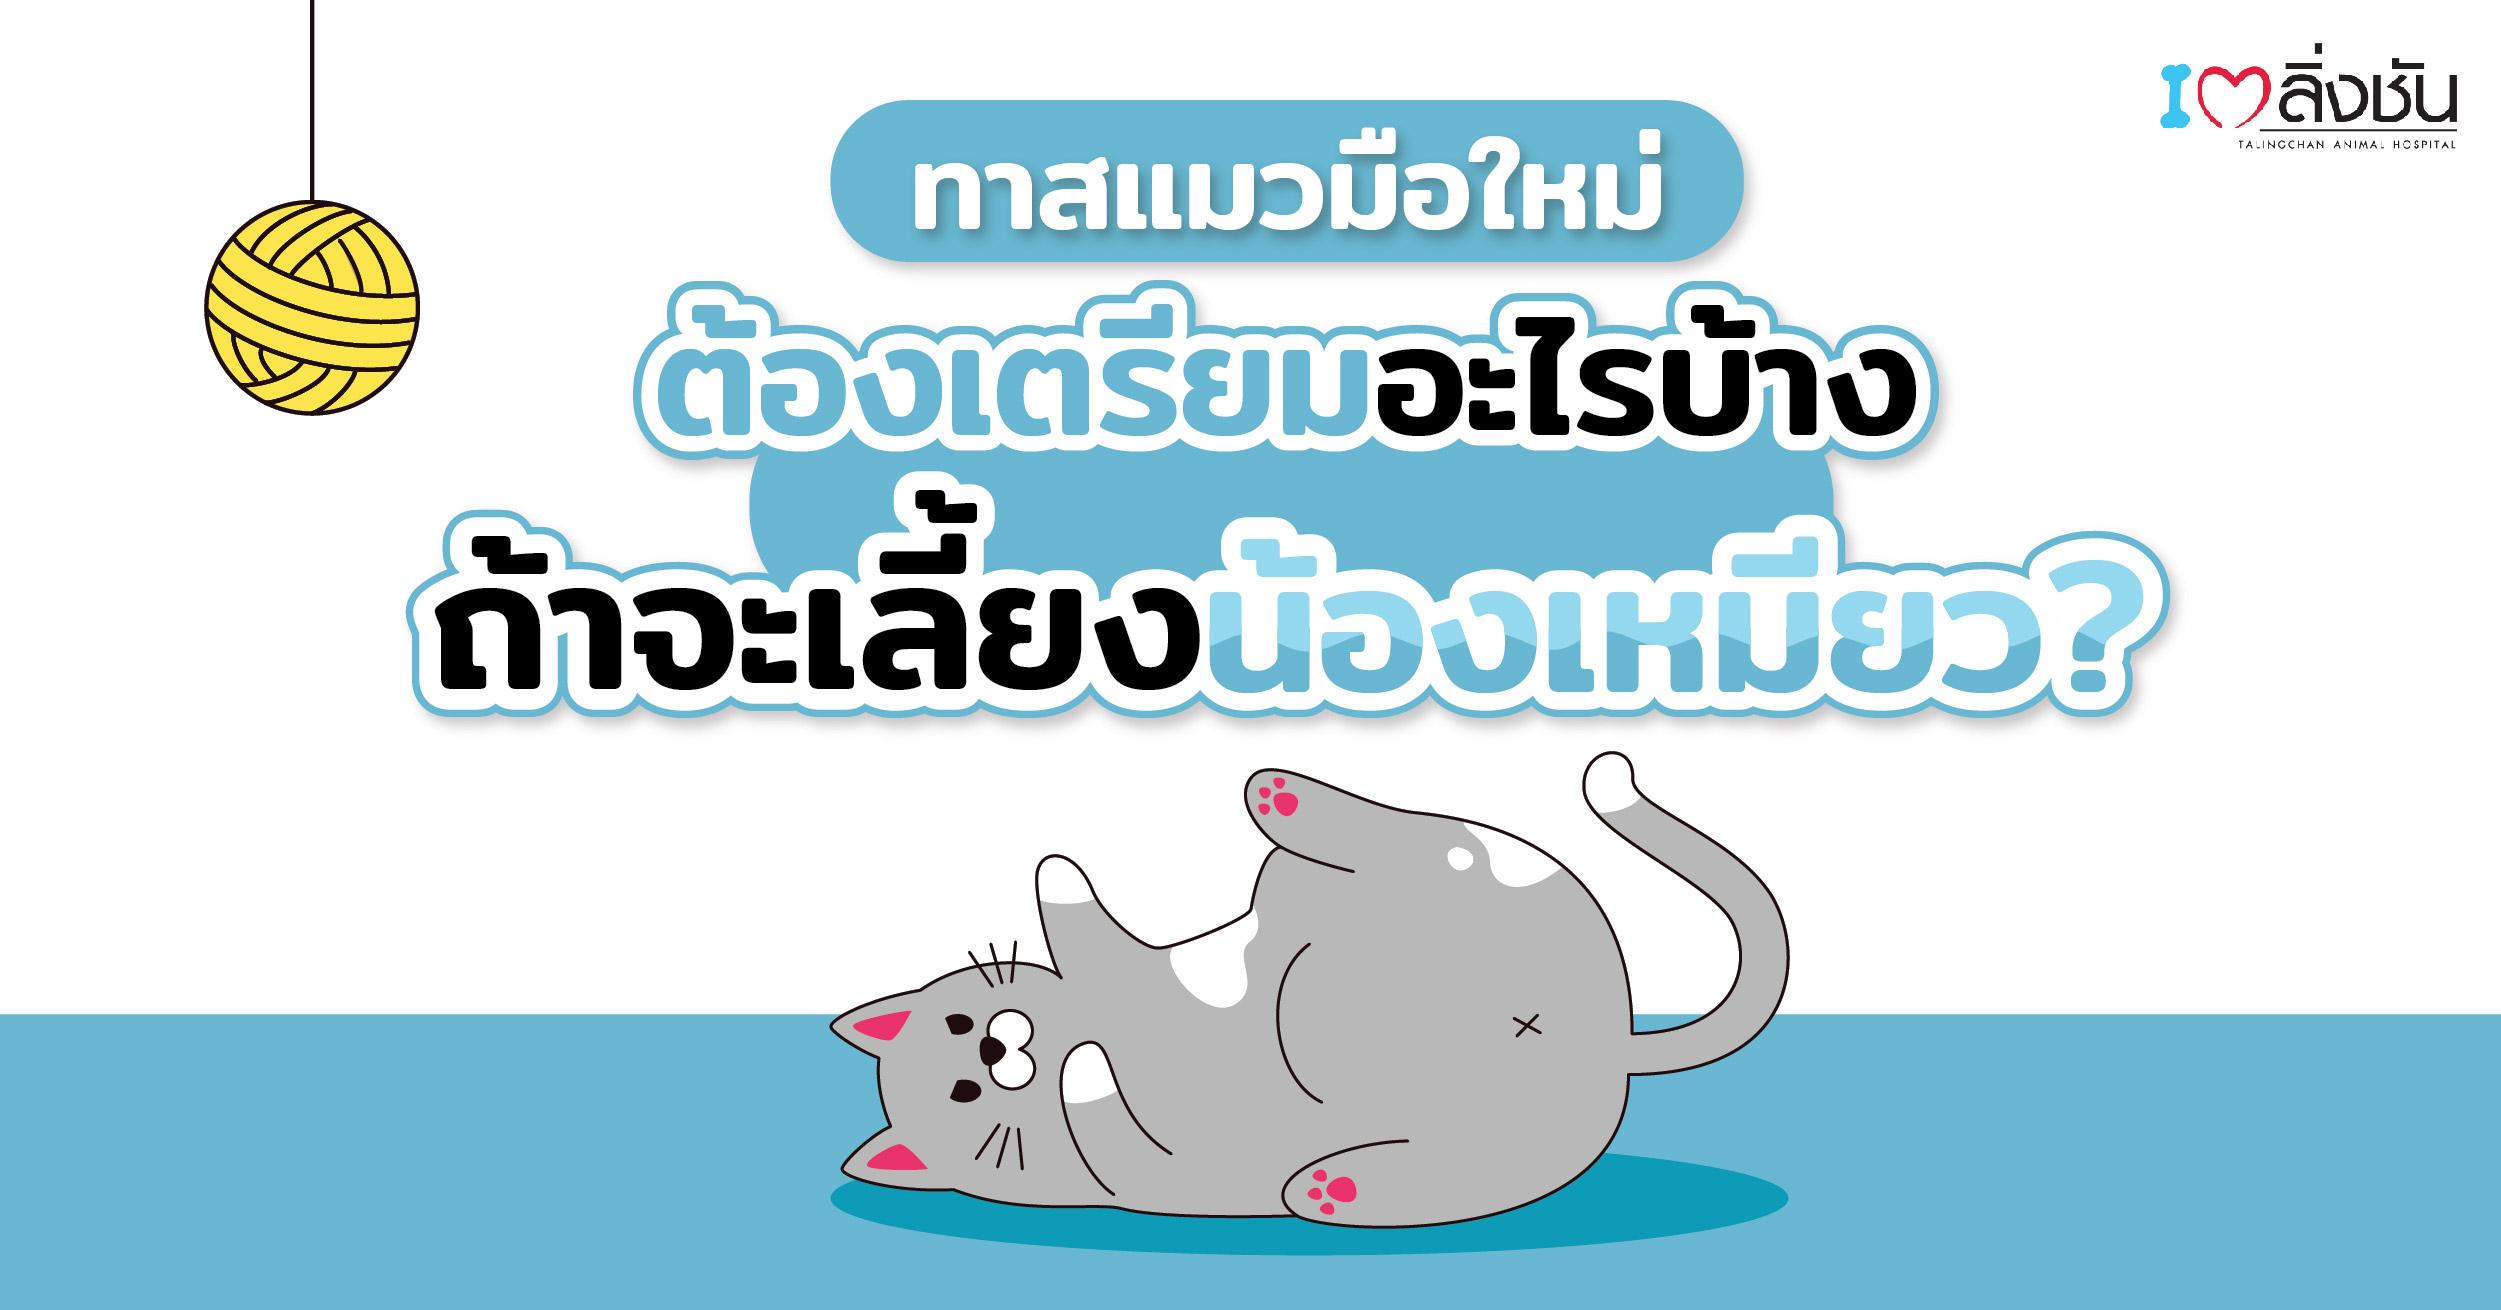 เลี้ยงแมวต้องเตรียมอะไรบ้าง